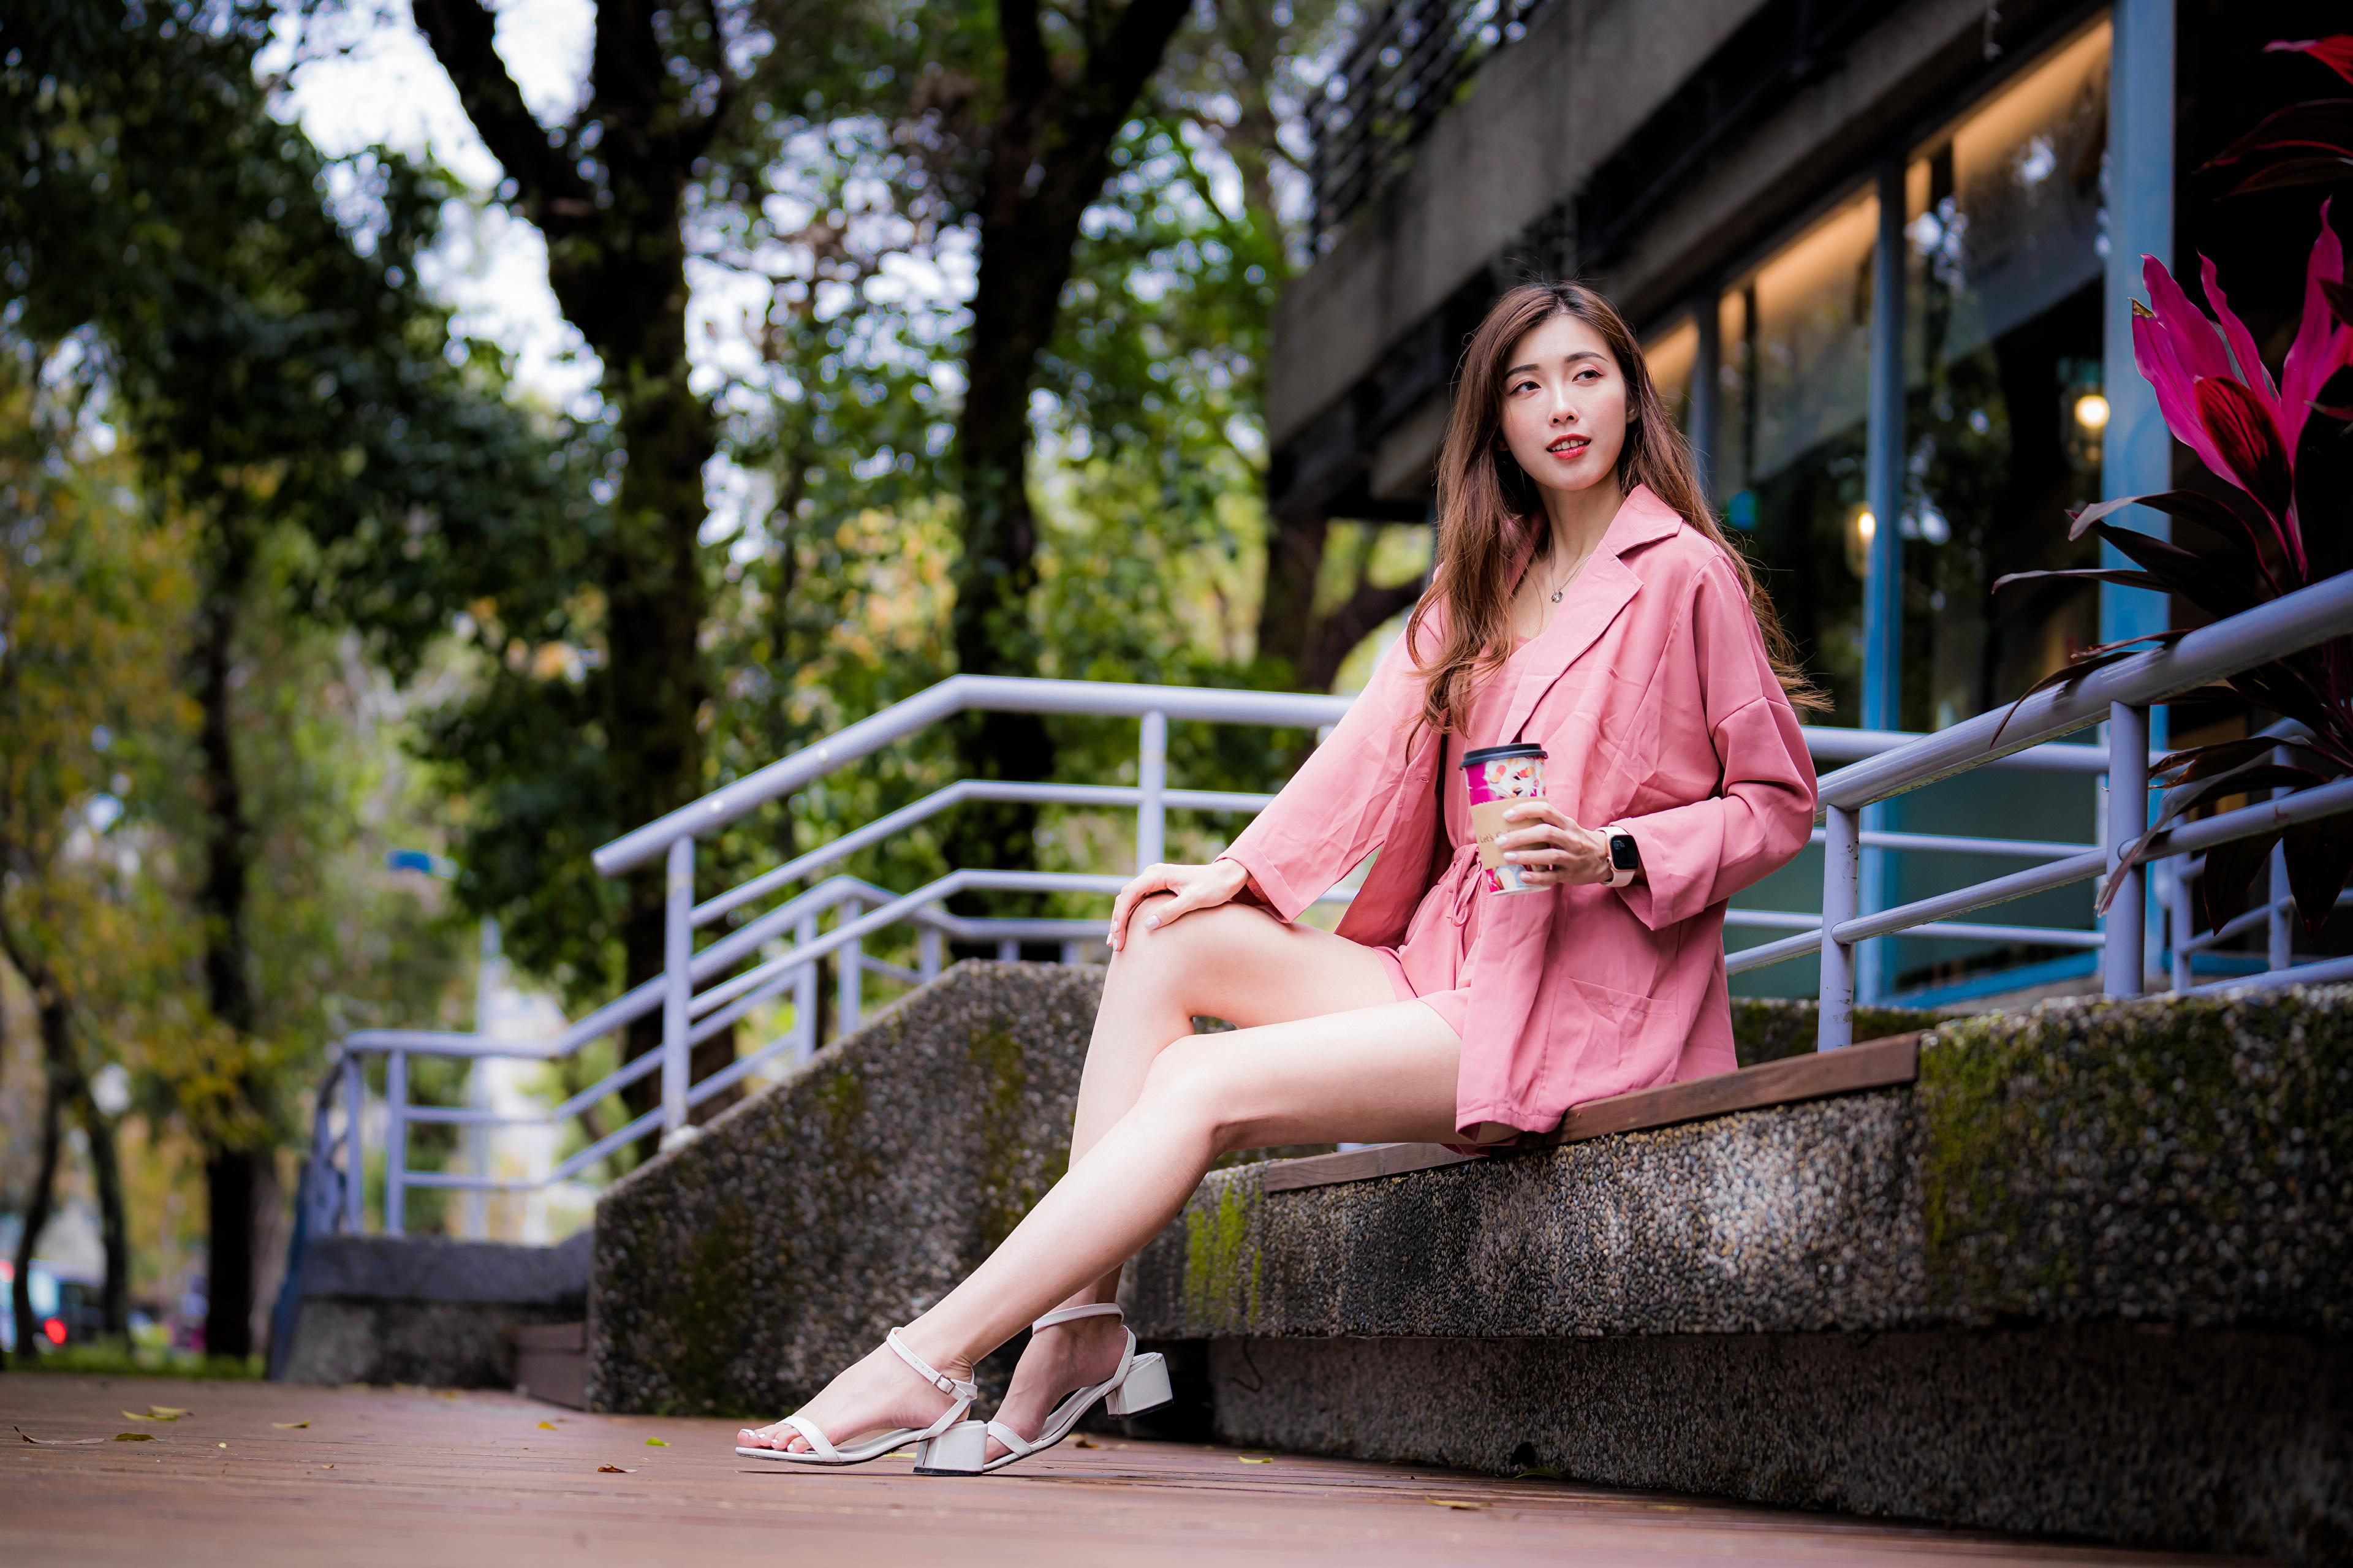 Foto Jonge vrouwen Benen Aziaten Zitten Kijkt jonge vrouw aziatisch zittend